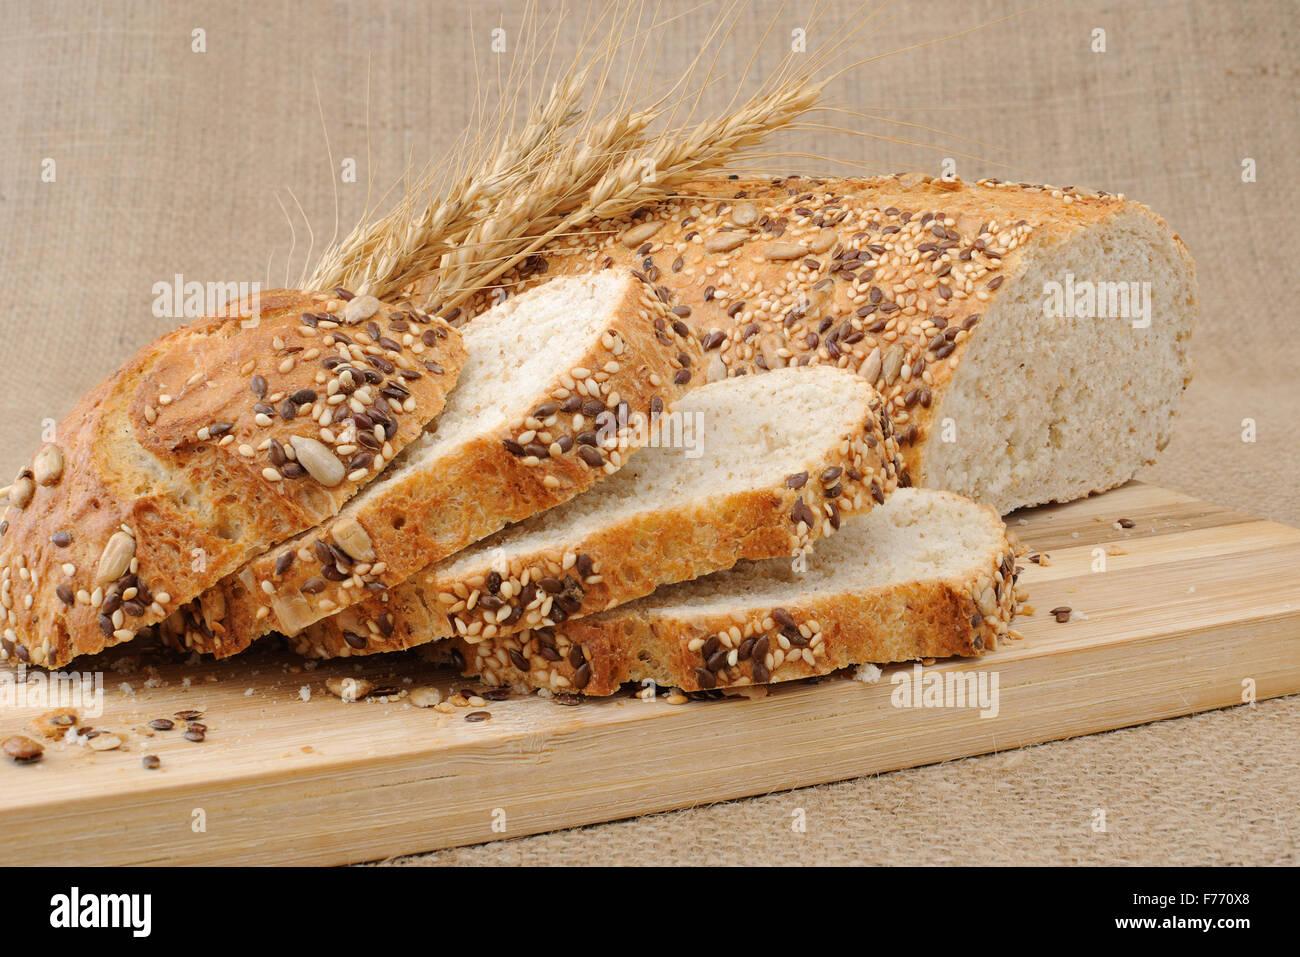 Tranches de pain de grains entiers de céréales sur une planche en bois Photo Stock